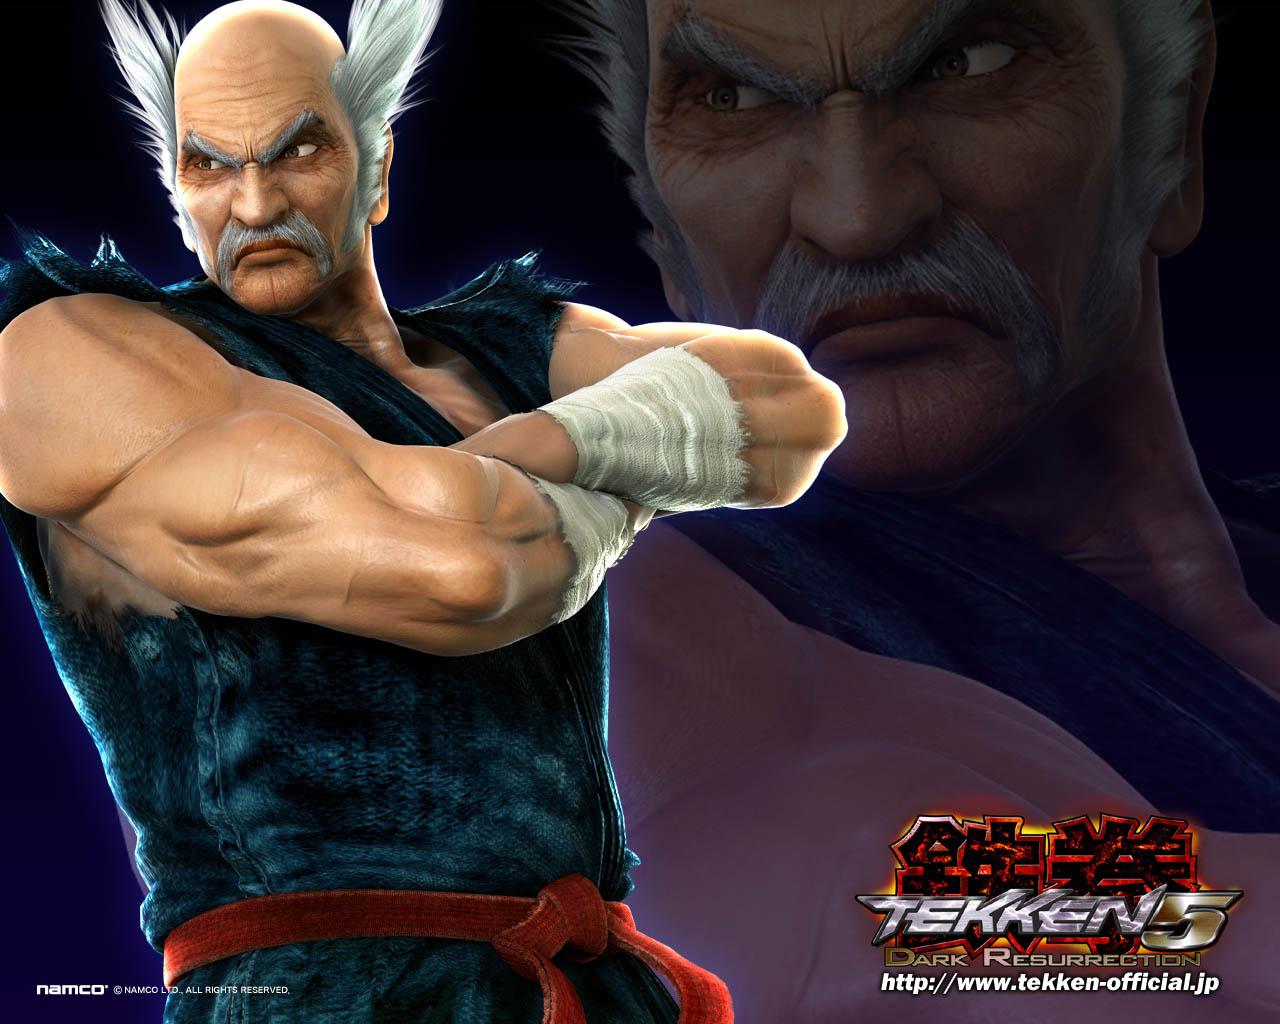 Tekkenbase Why Kazuya Hates His Father Heihachi Mishima